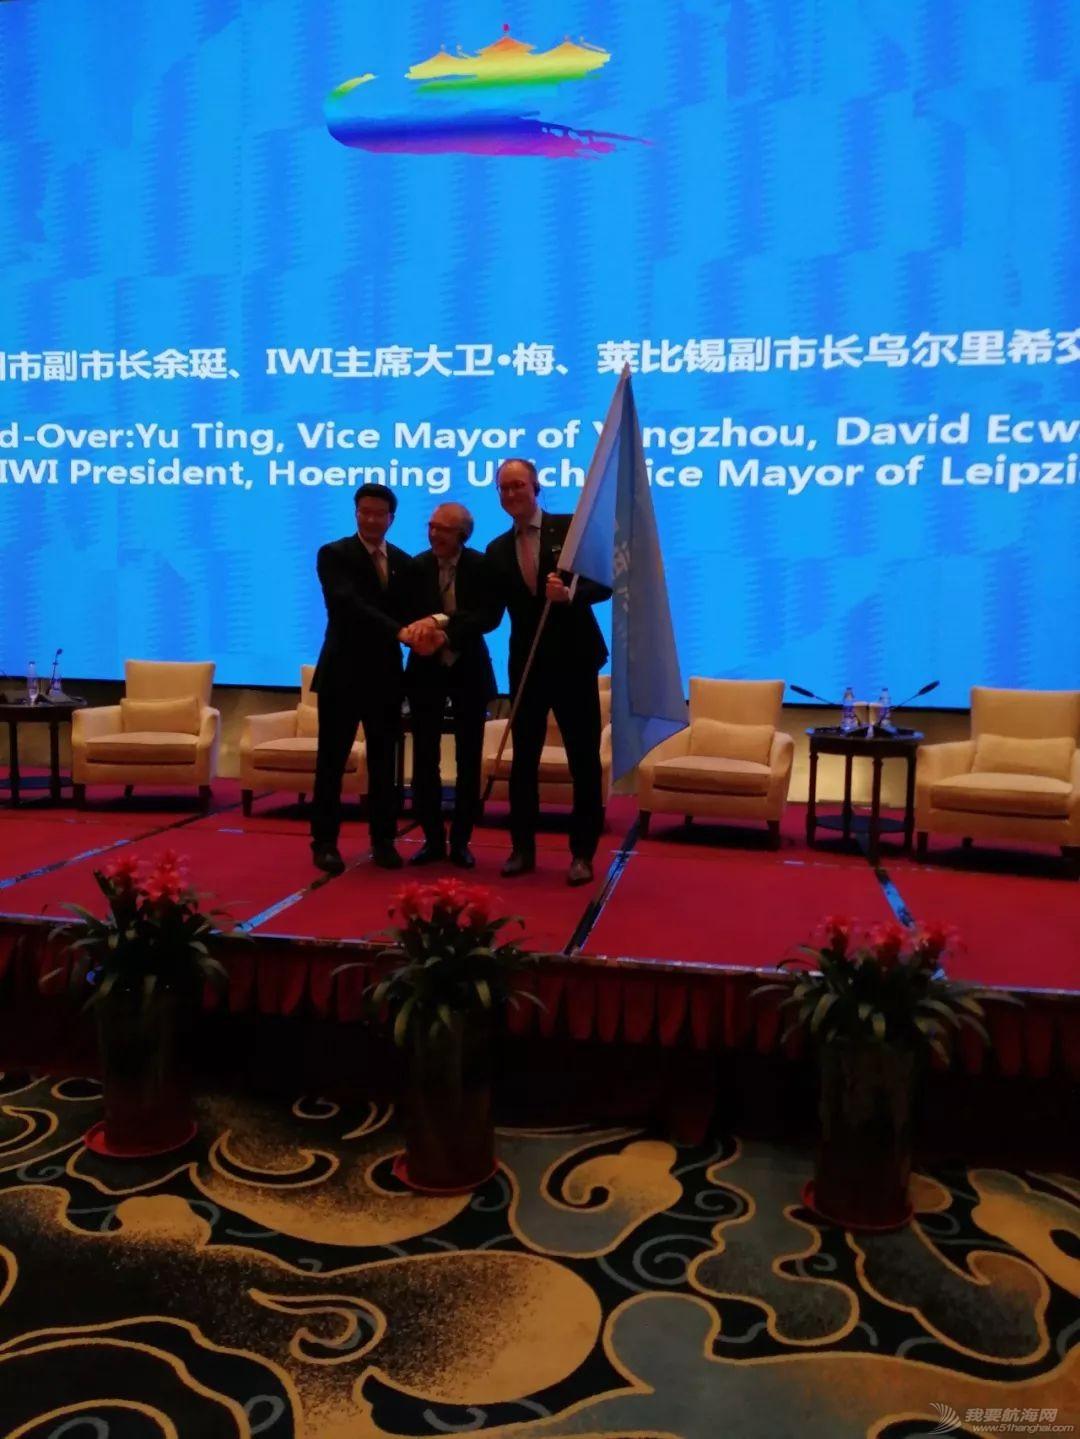 2019年世界运河大会在中国扬州召开  WCCO 主席朱民阳出席并做主旨发言 德国莱比锡市接旗2020年世界运河大会w7.jpg